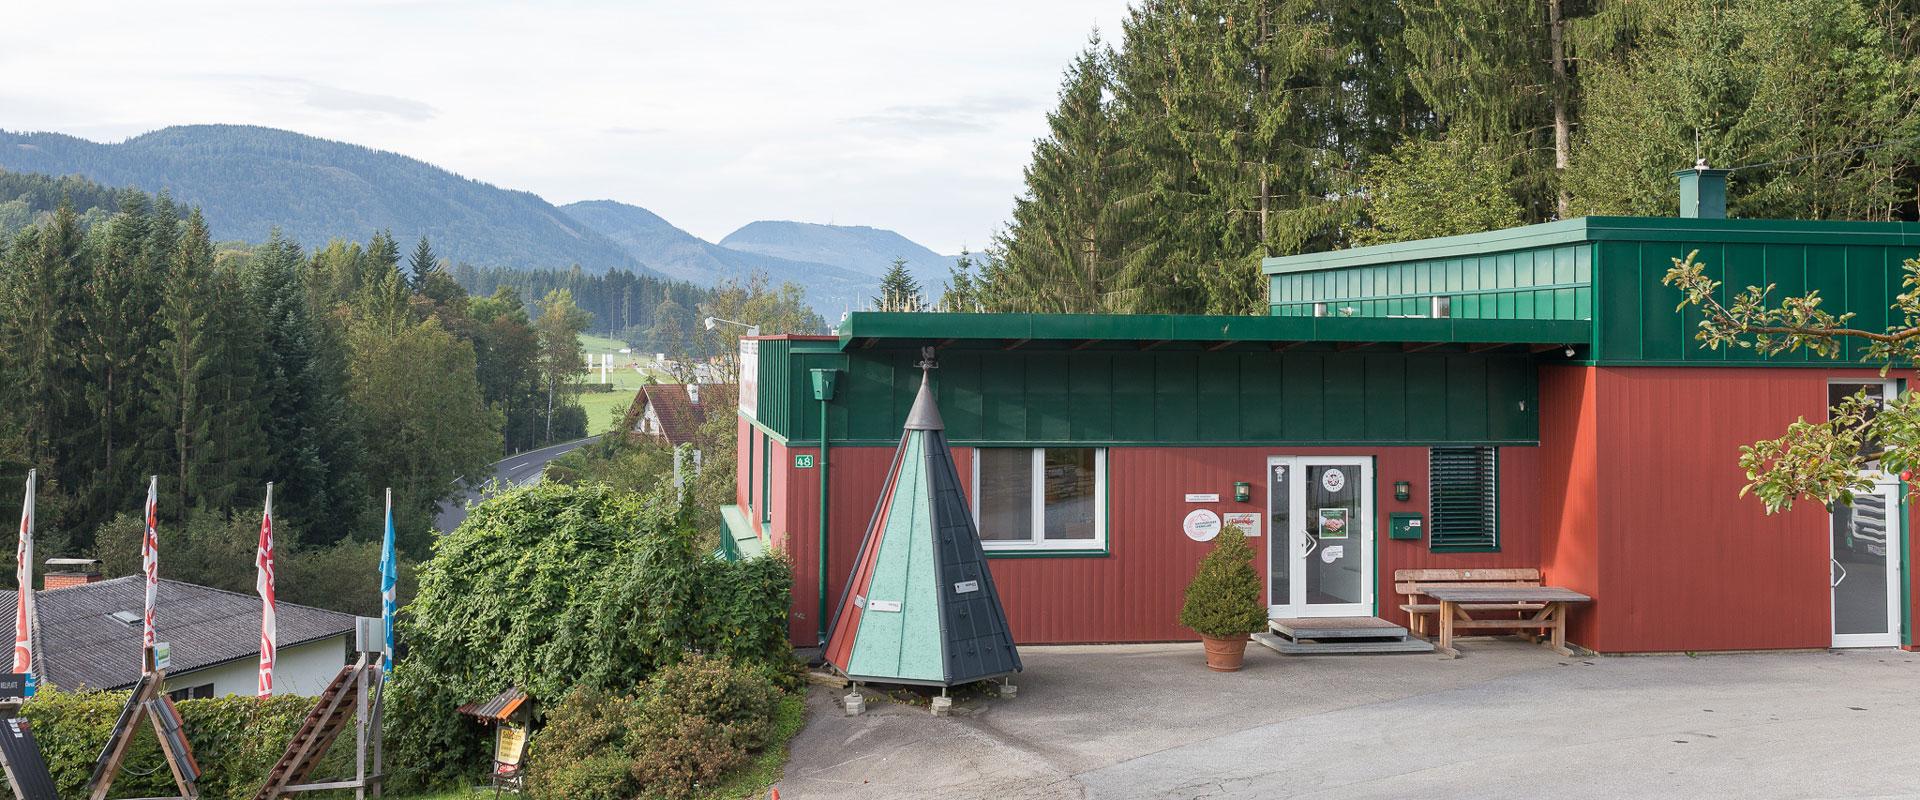 Klammler Dachdeckerei und Spenglerei Hauptsitz